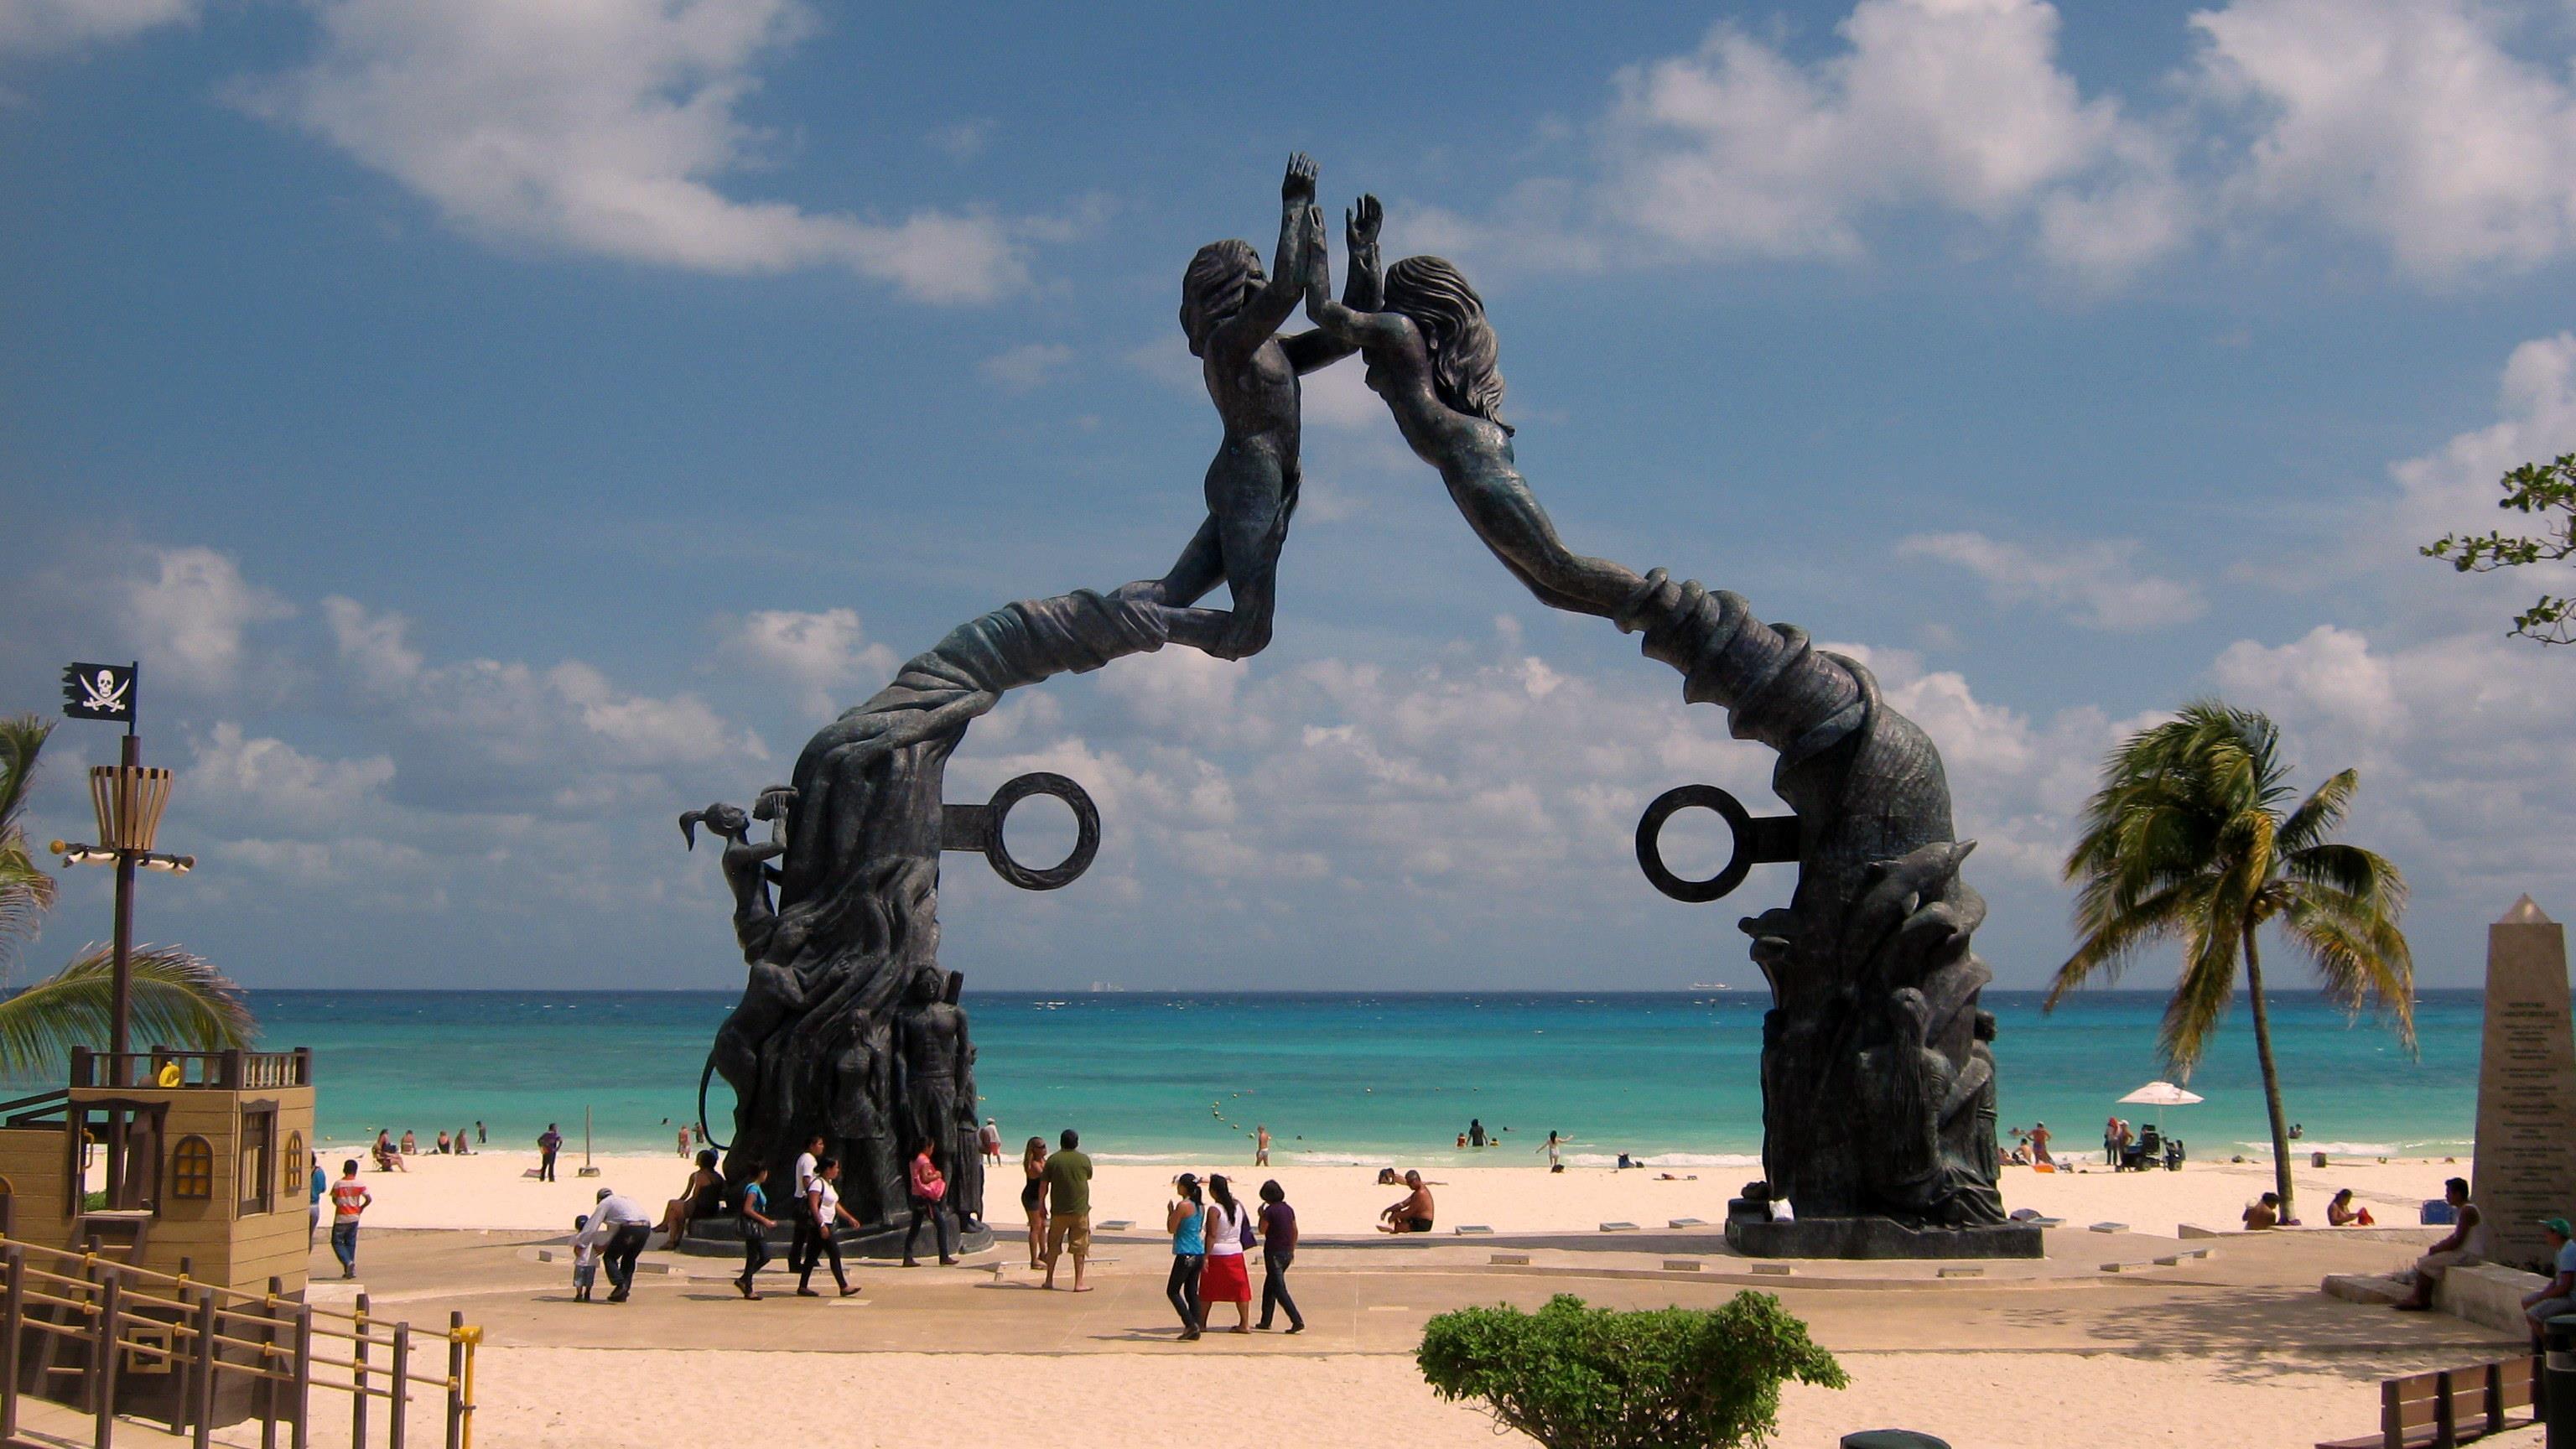 Fundadores Park in central Playa del Carmen